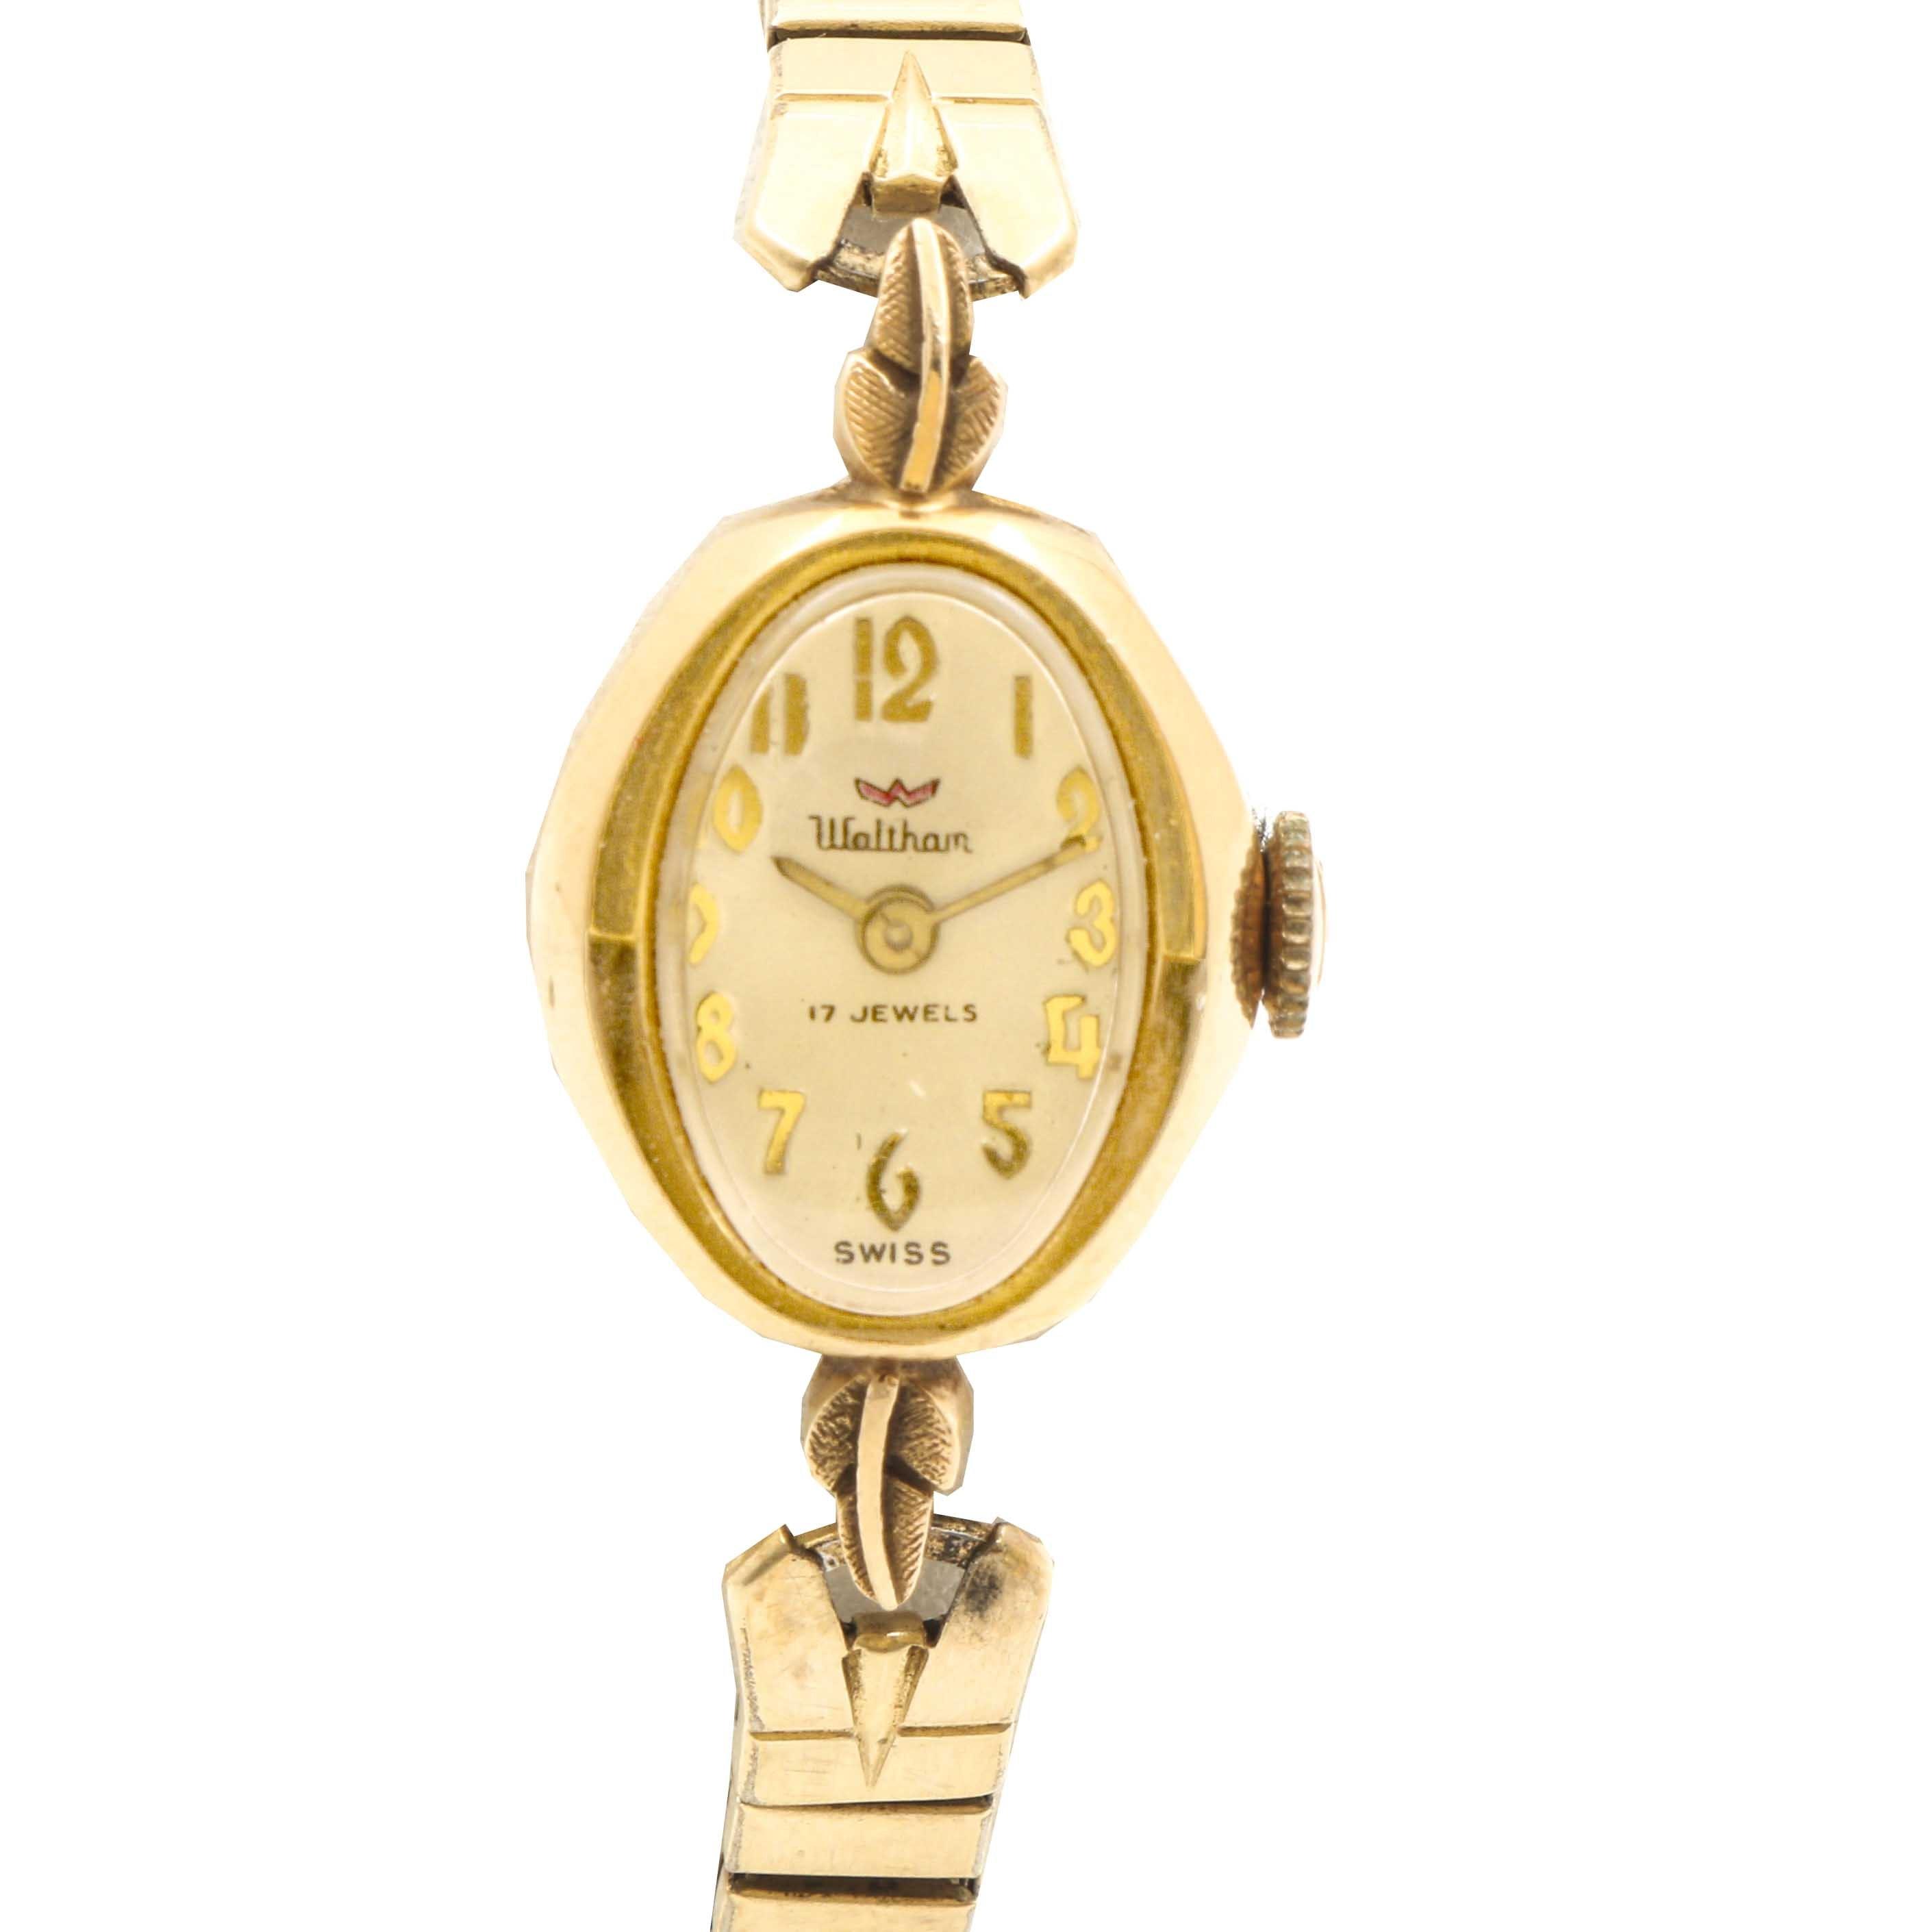 Waltham 14K Yellow Gold Wristwatch